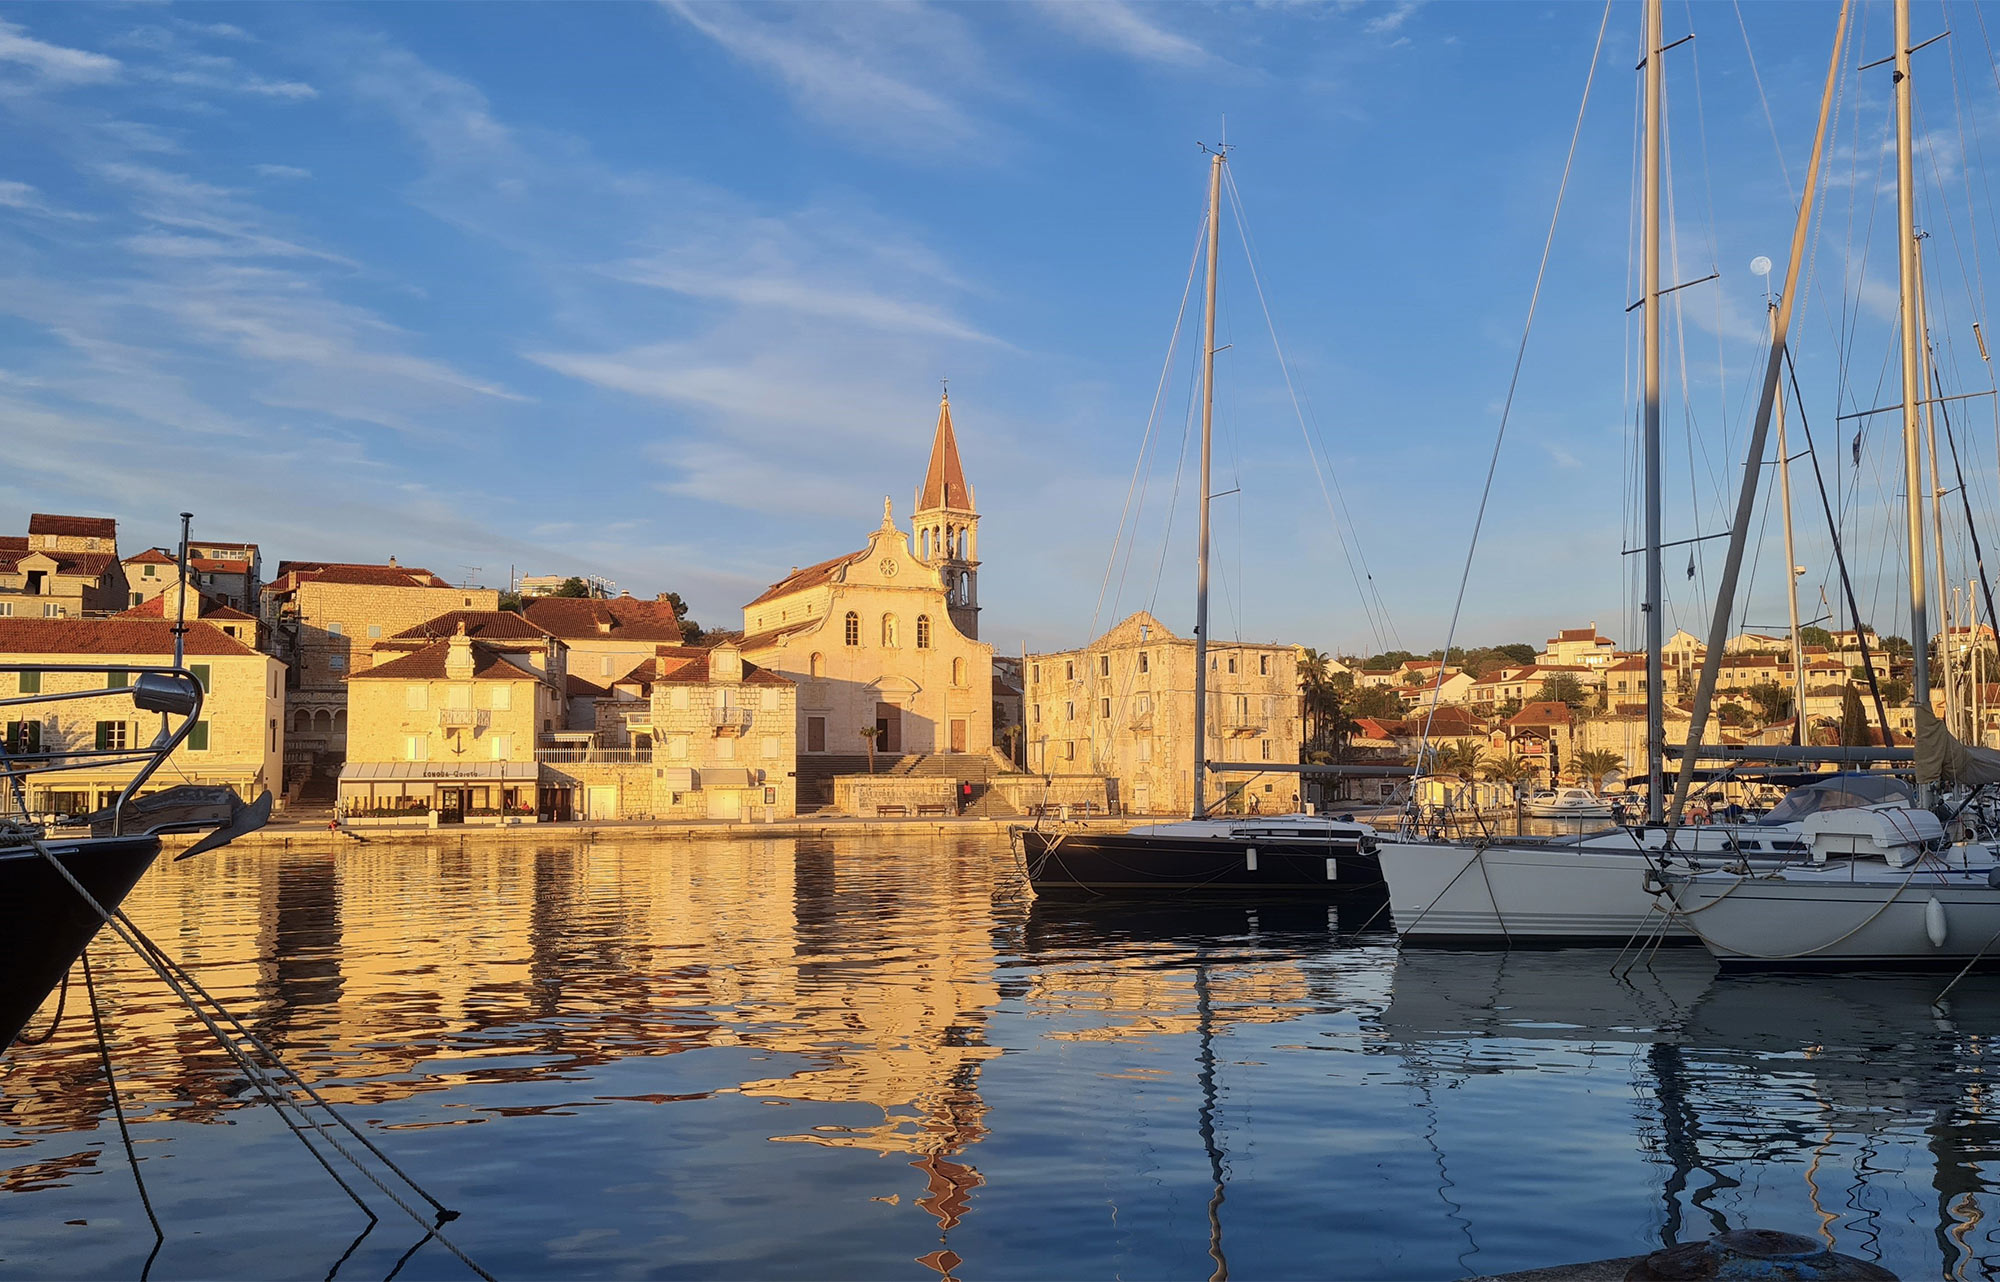 Die Hafenortschaft Milna auf der Insel Brac